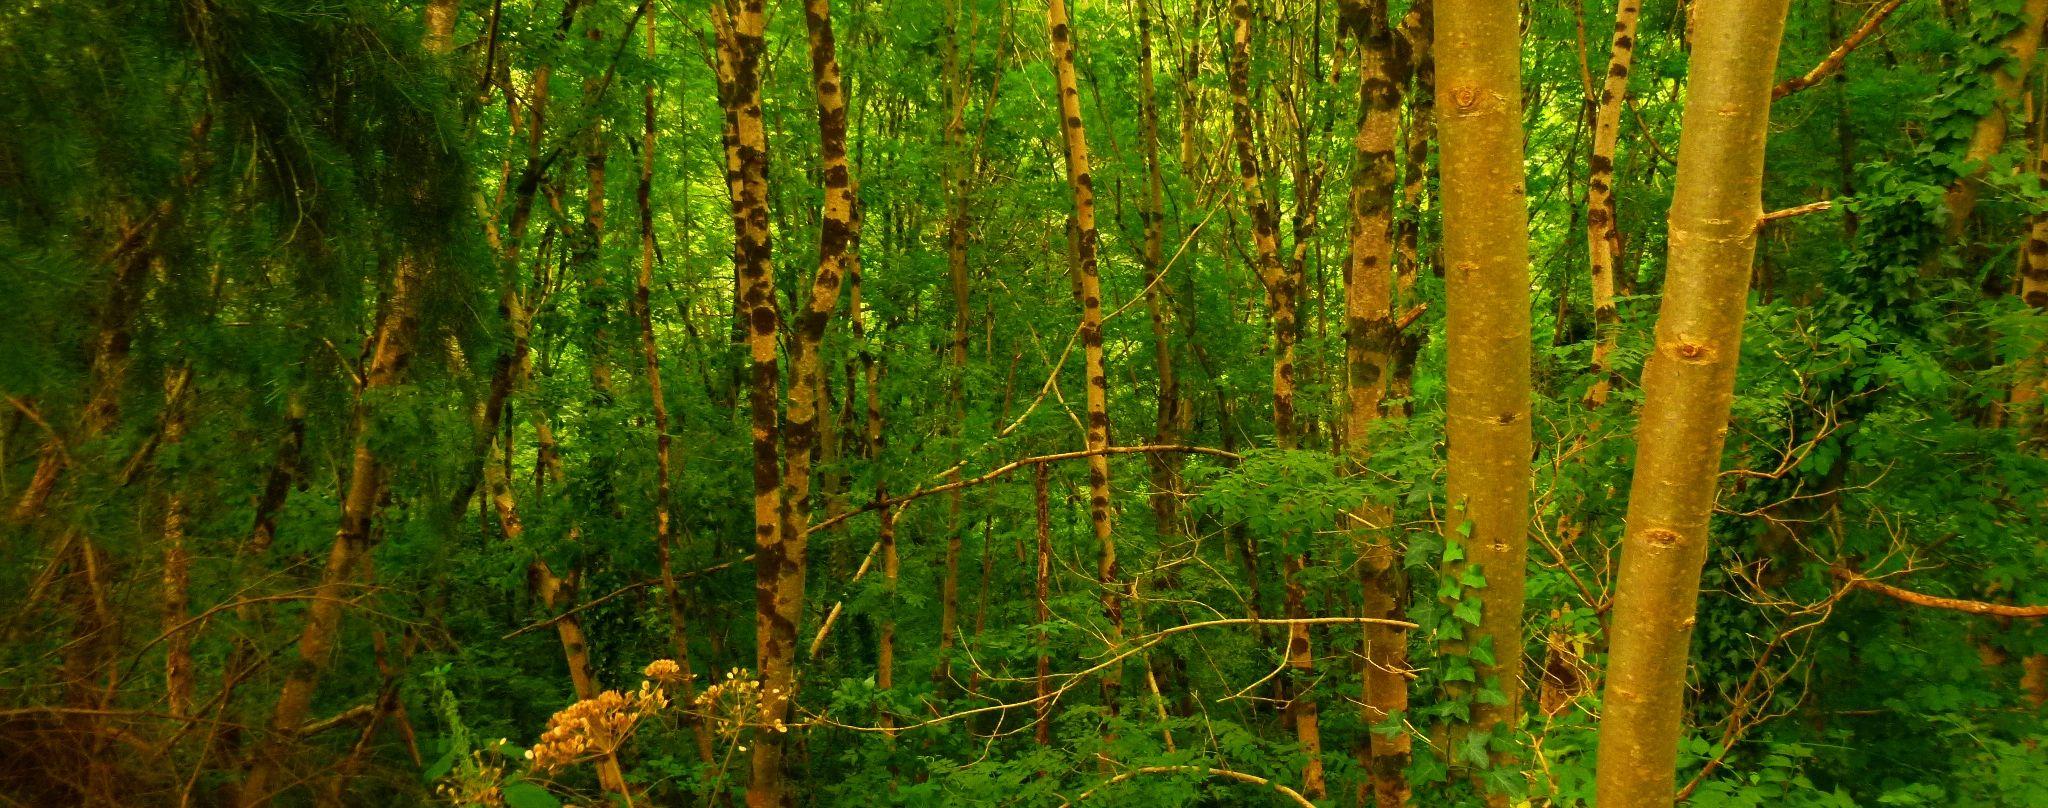 woodland ceredigion wales by chris.adams.3557